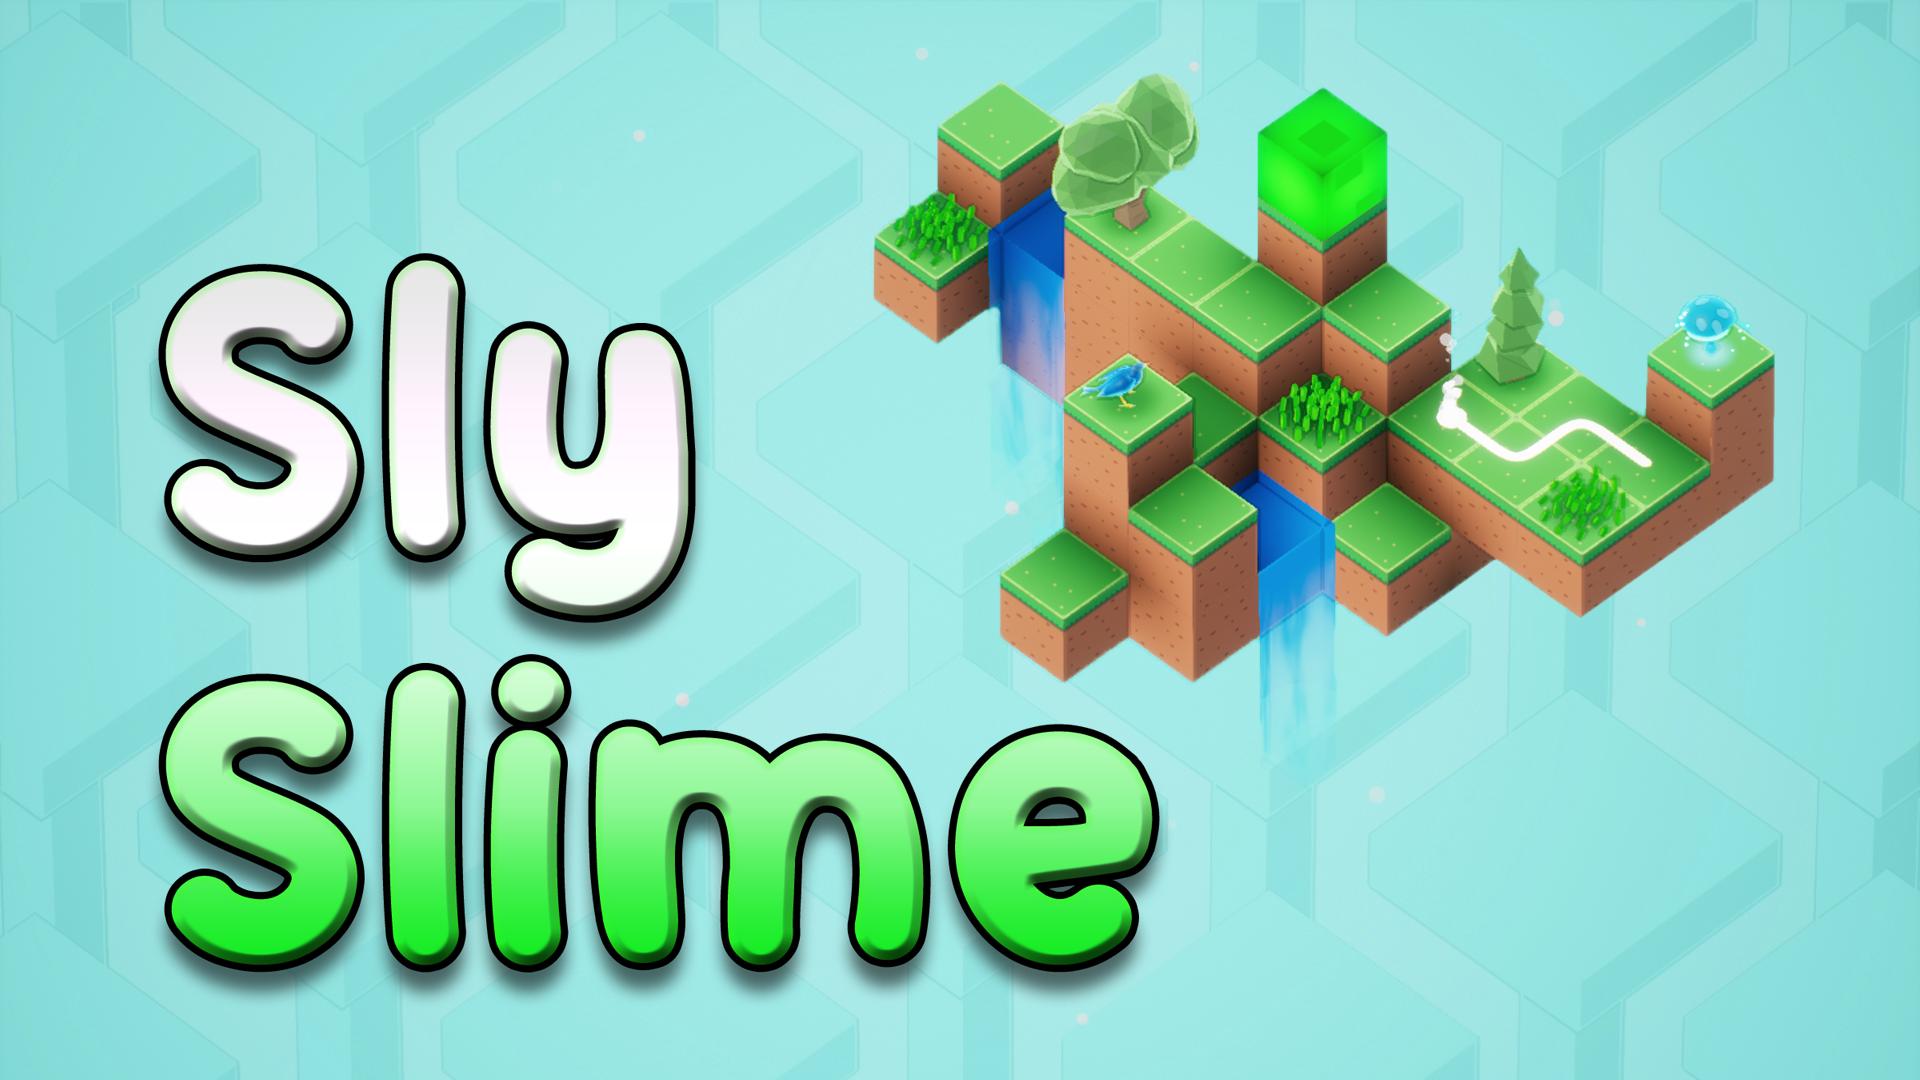 Sly Slime